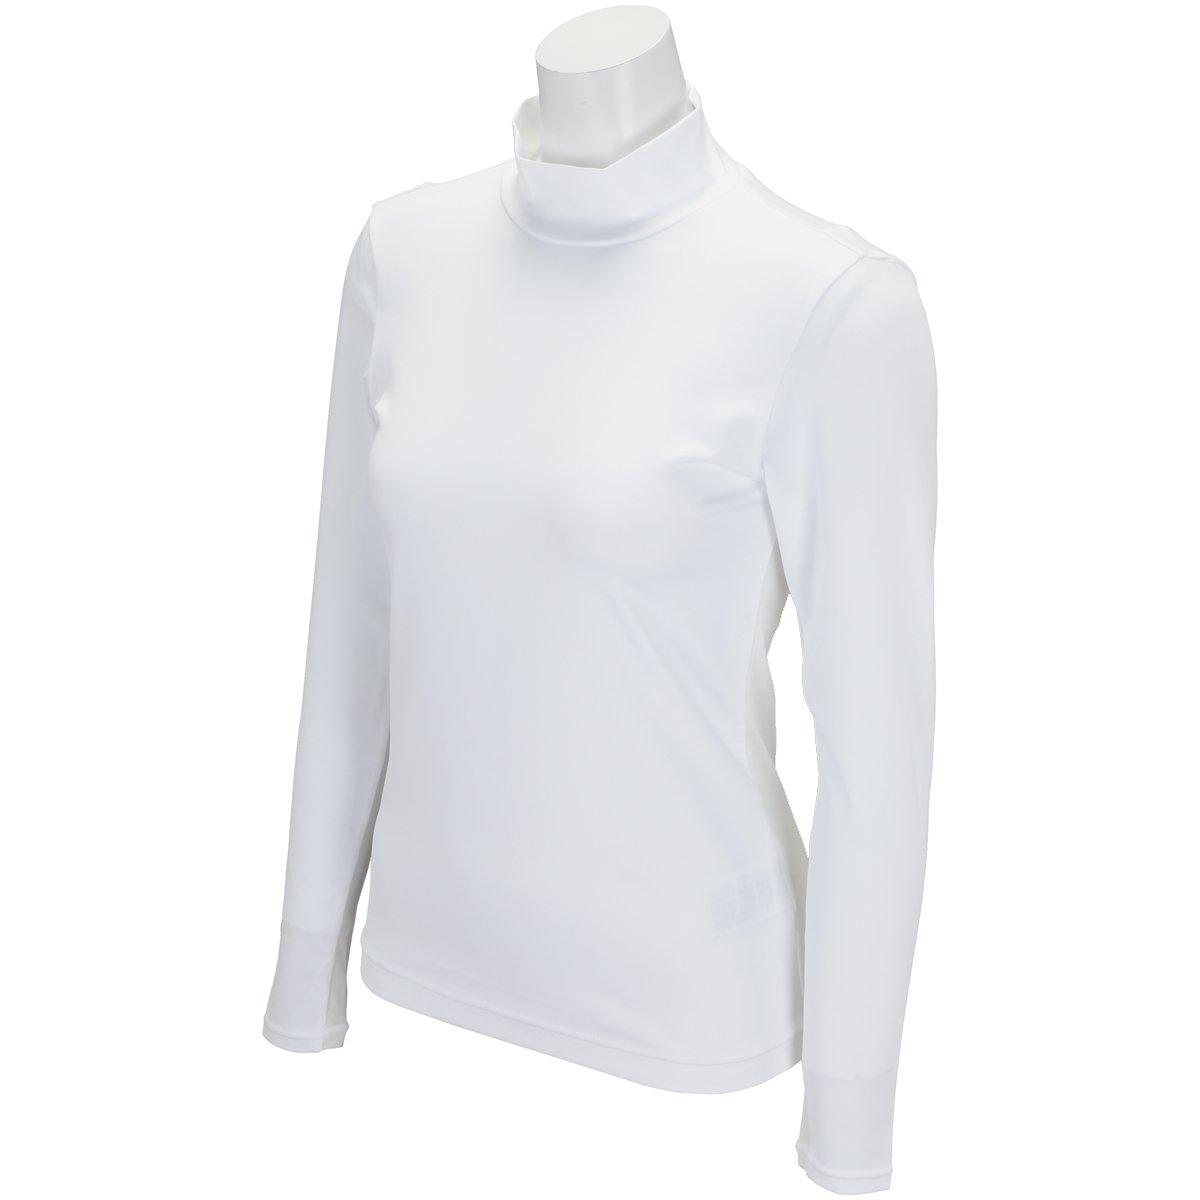 ブラック&ホワイト Black & White アンダーウェア ストレッチ 長袖アンダーシャツ レディス B07BN27D9T Large|ホワイト ホワイト Large